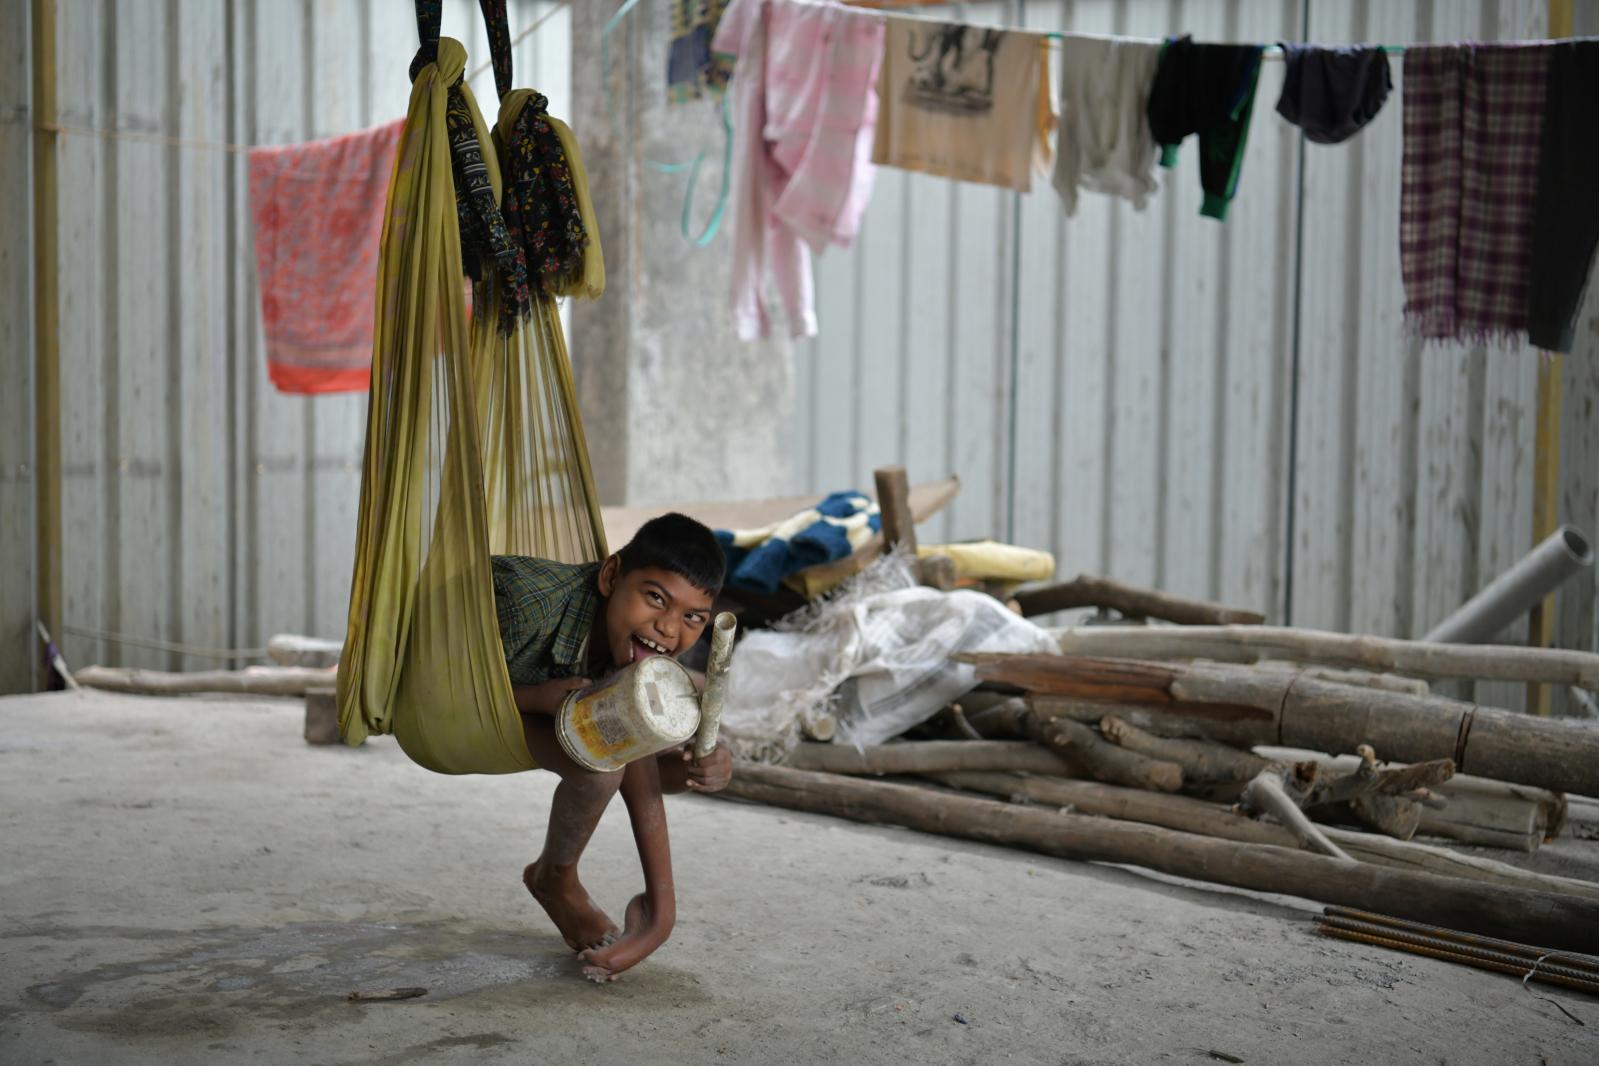 Photography image - Loading Happy_Child.JPG